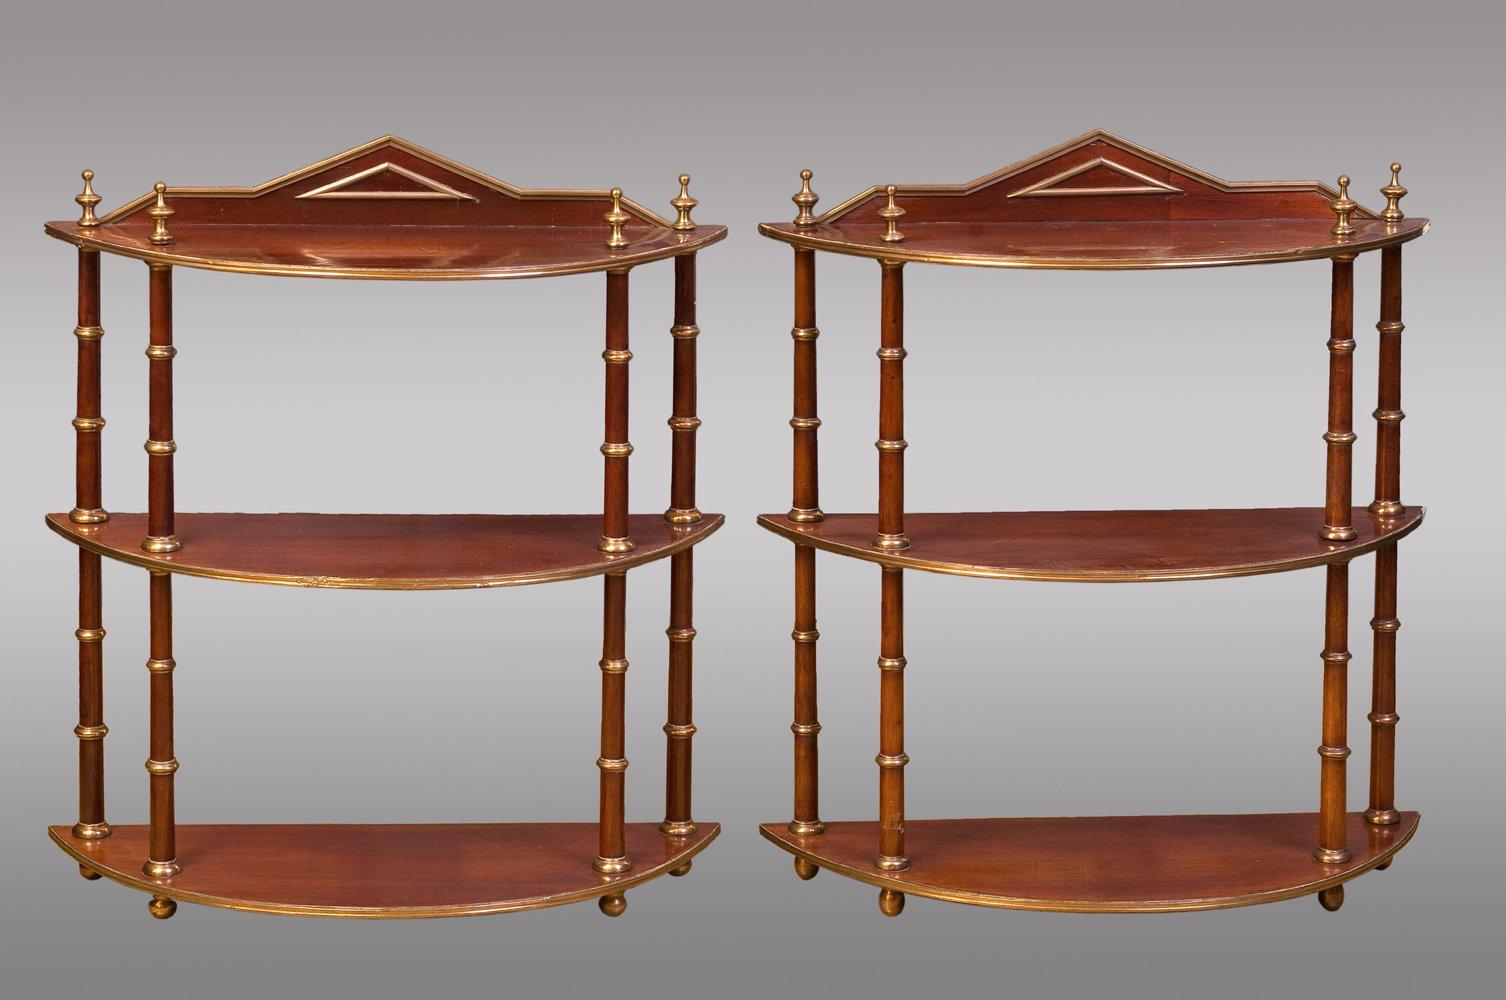 etagères suspendues baltic antiques, set de 2 en vente sur pamono